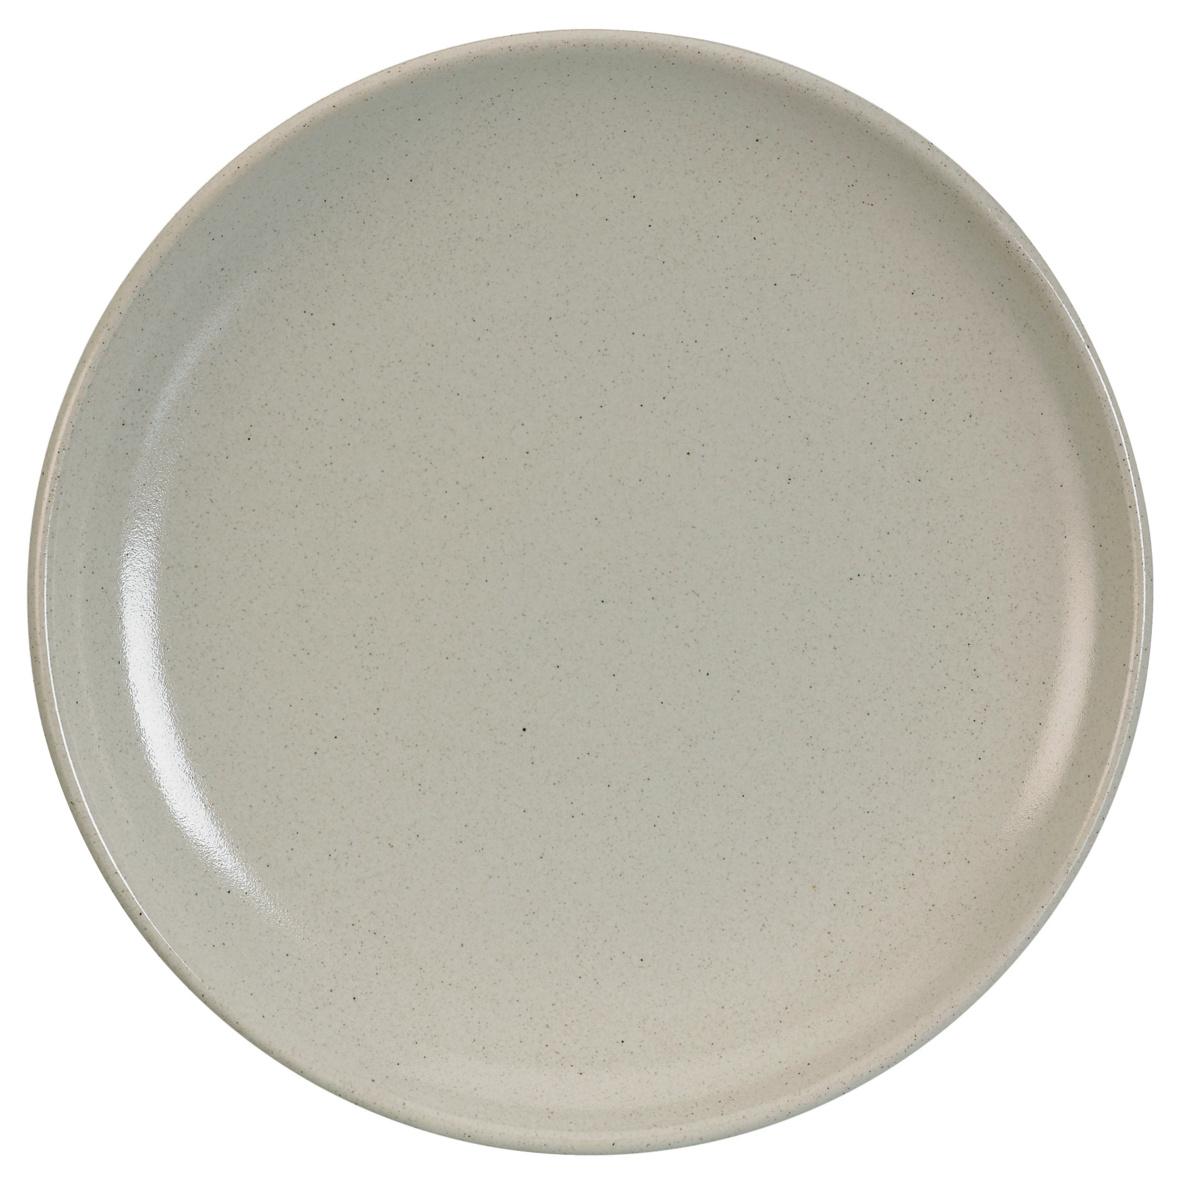 Assiette plate ronde écru grès Ø 24 cm Gres Couleur Pro.mundi